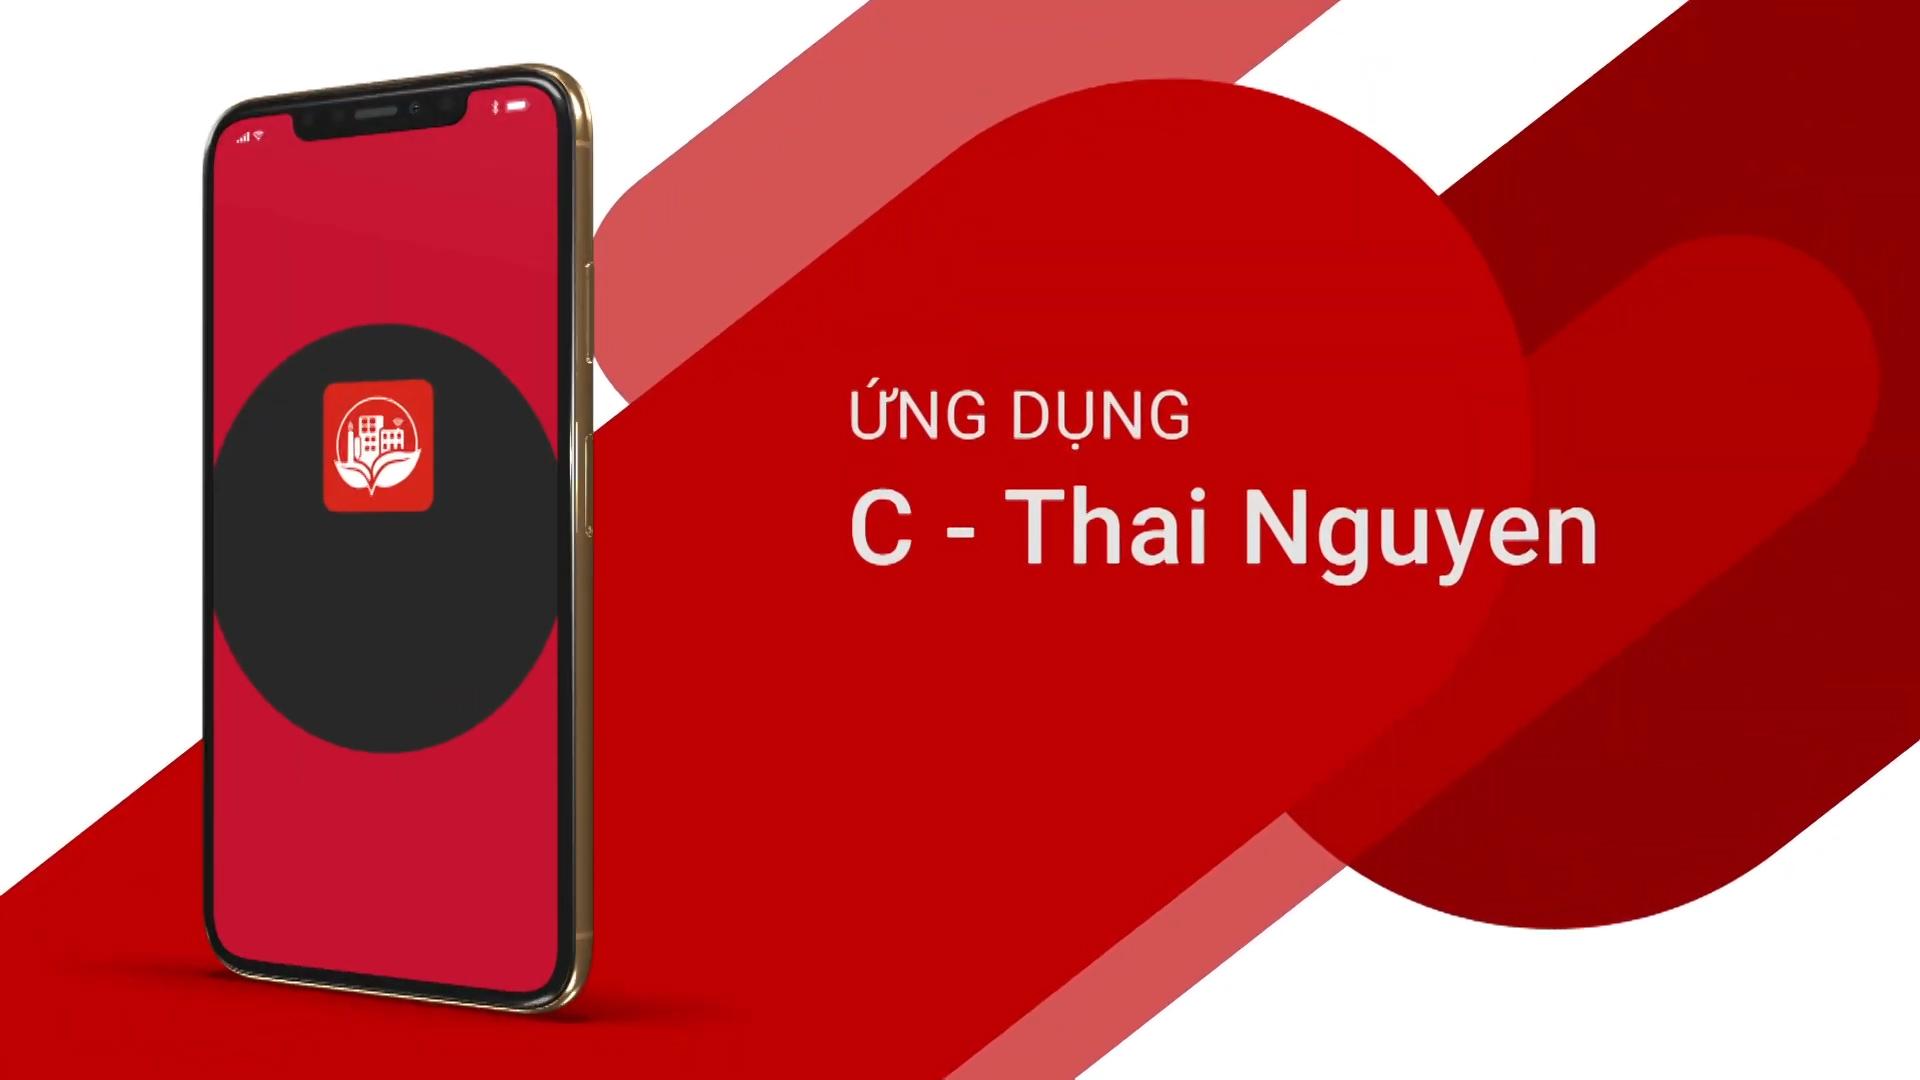 Hướng dẫn cài đặt ứng dụng C-Thai Nguyen